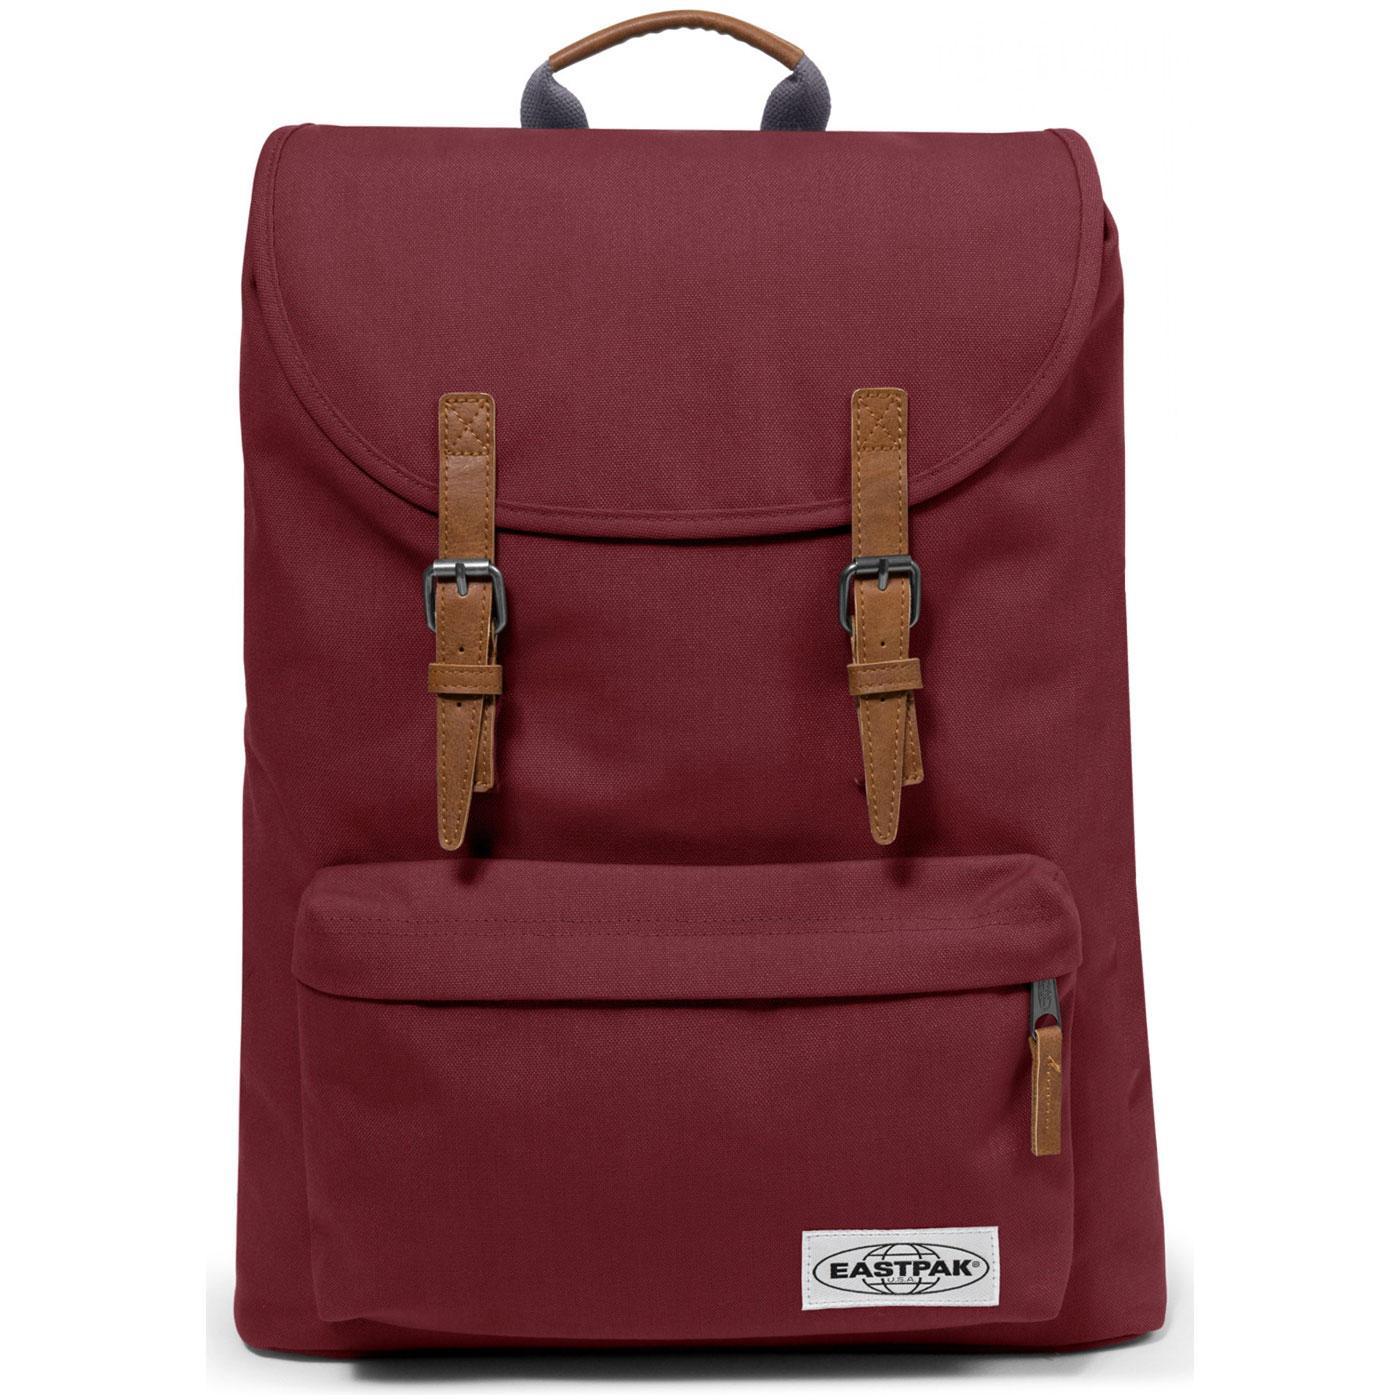 London EASTPAK Retro Heritage Laptop Backpack OG